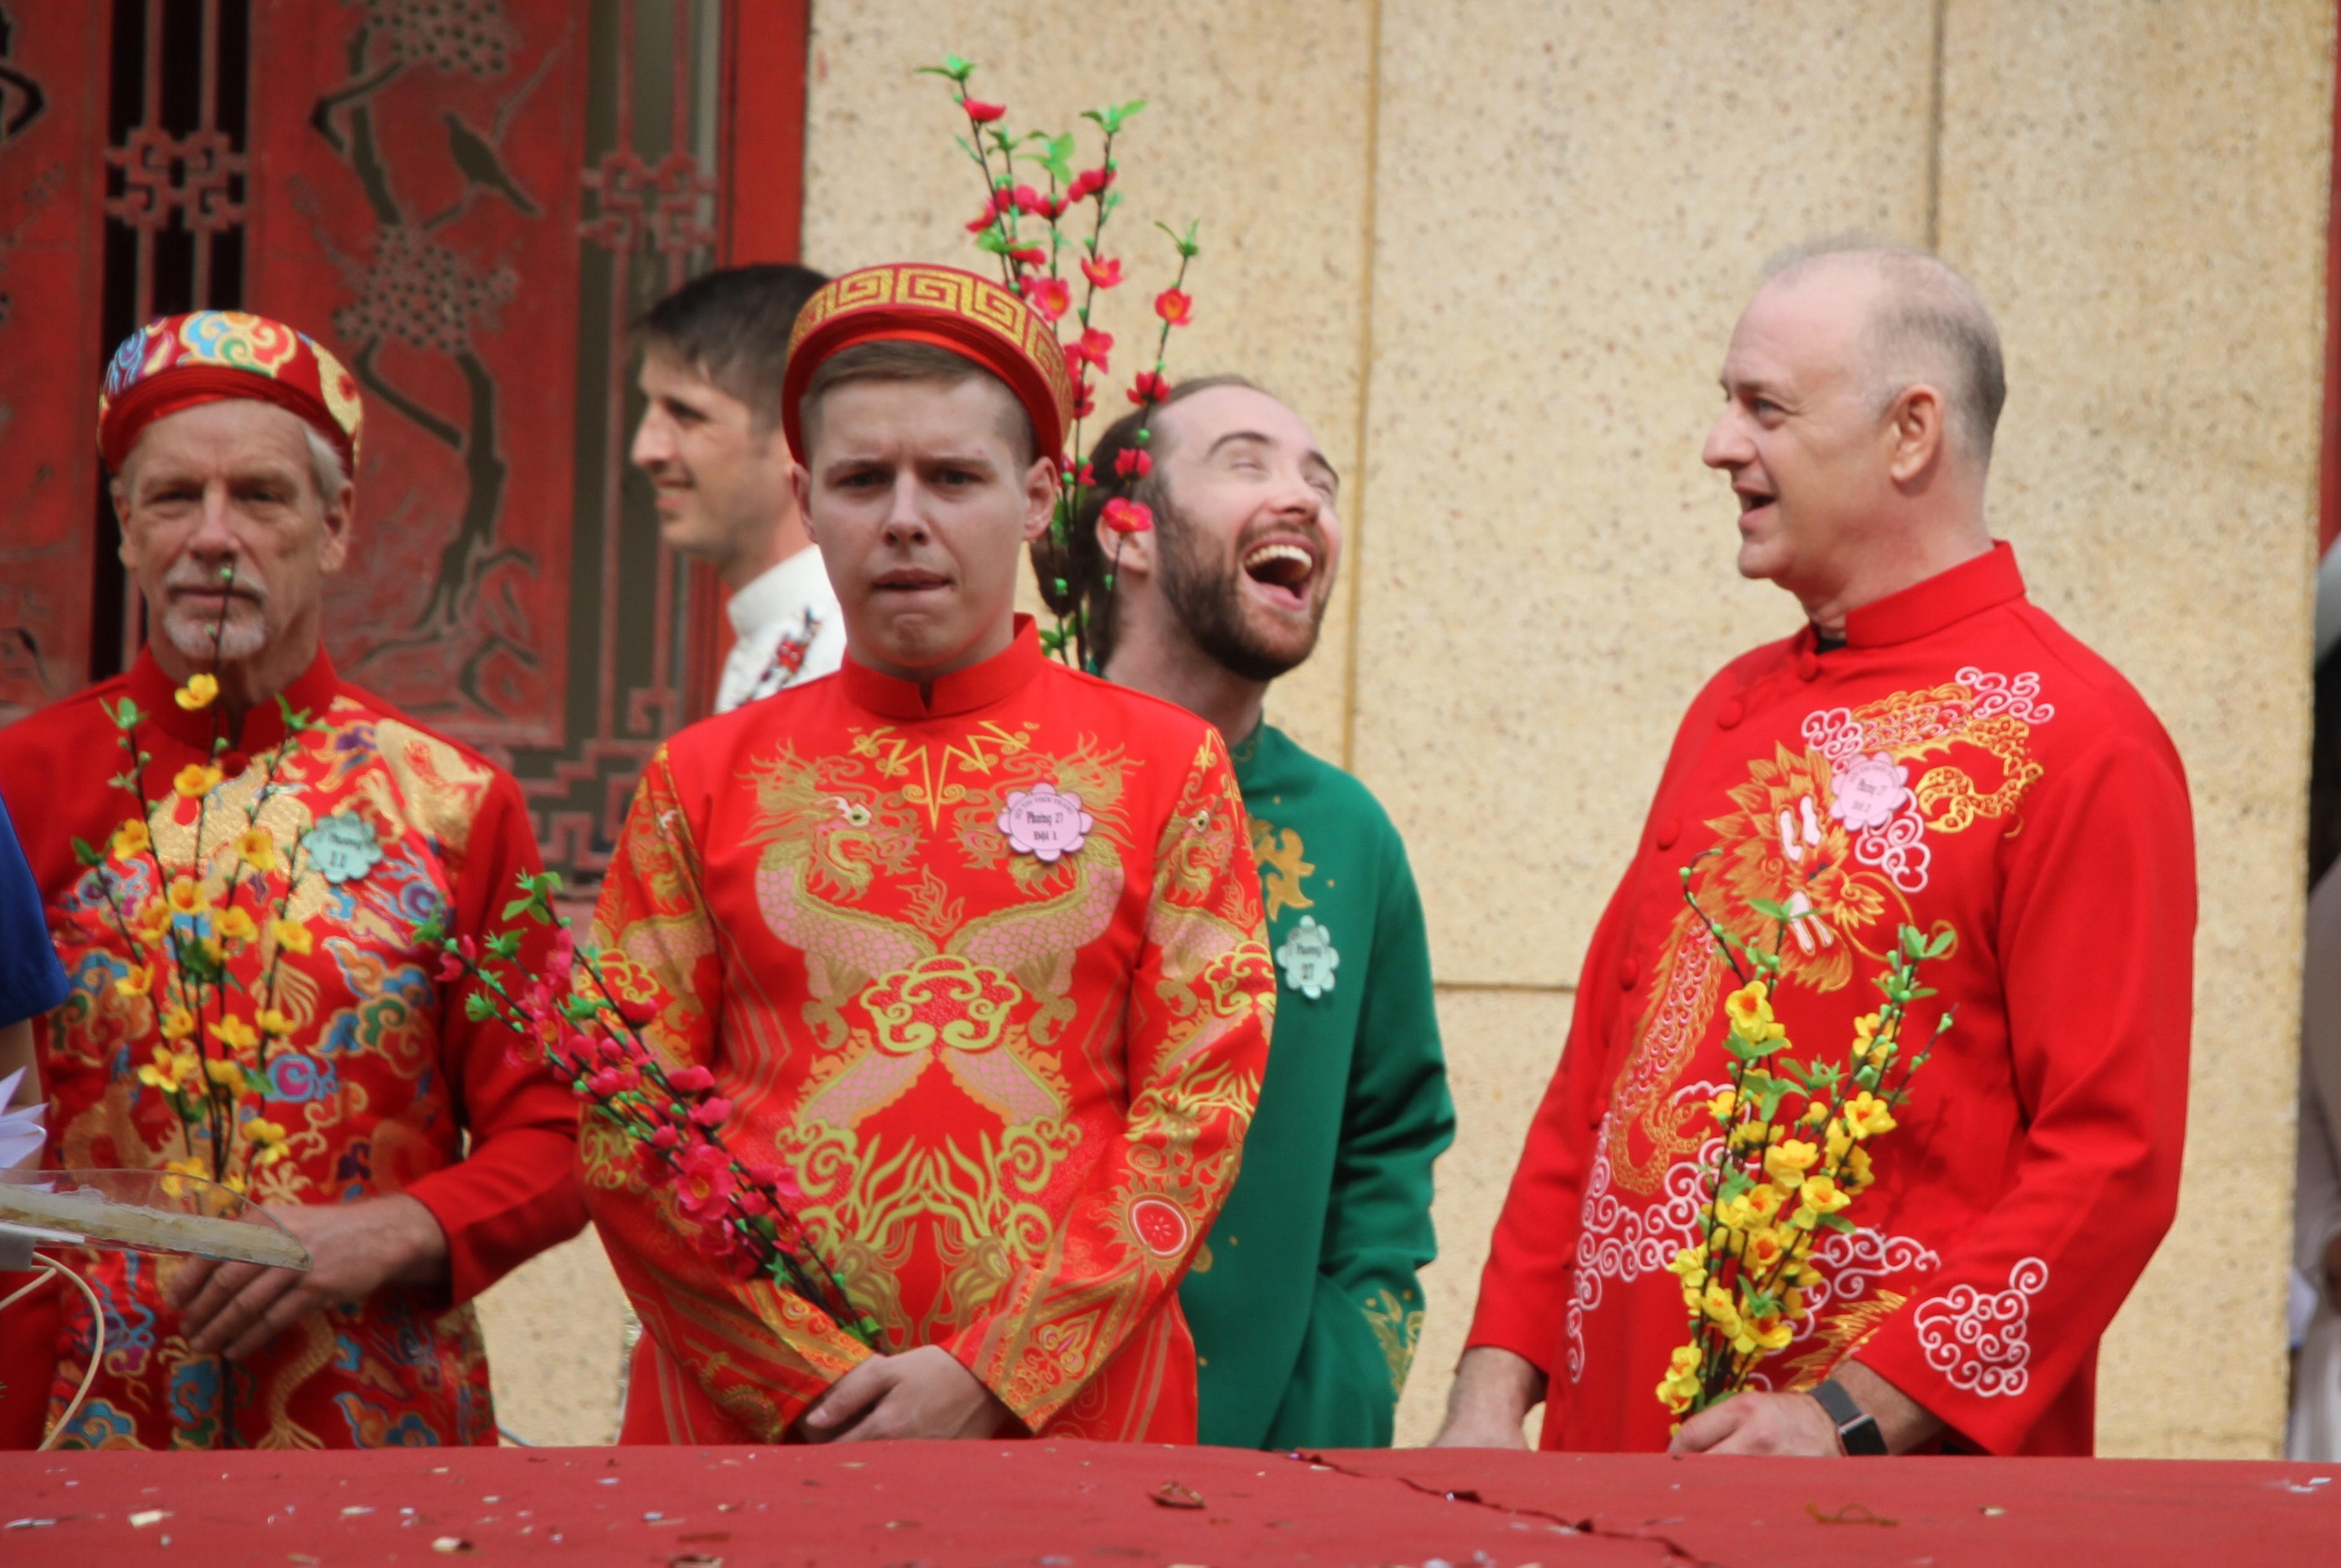 Cười hết cỡ khi mặc trang phục truyền thống Tết cổ truyền Việt Nam